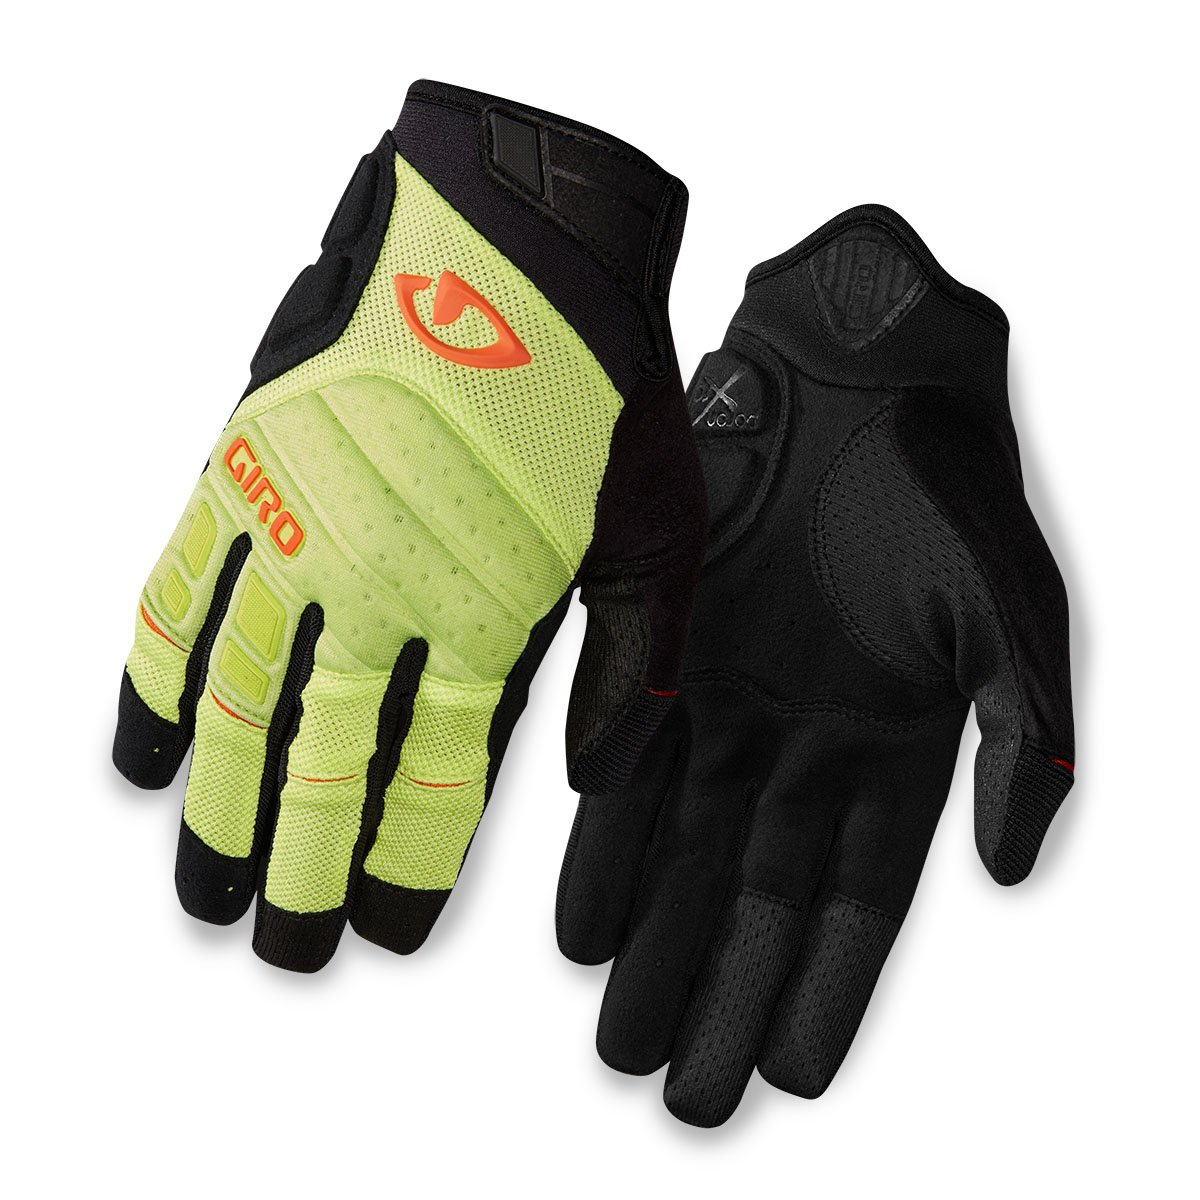 Giro Xen Fahrrad Handschuhe lang grün schwarz 2016